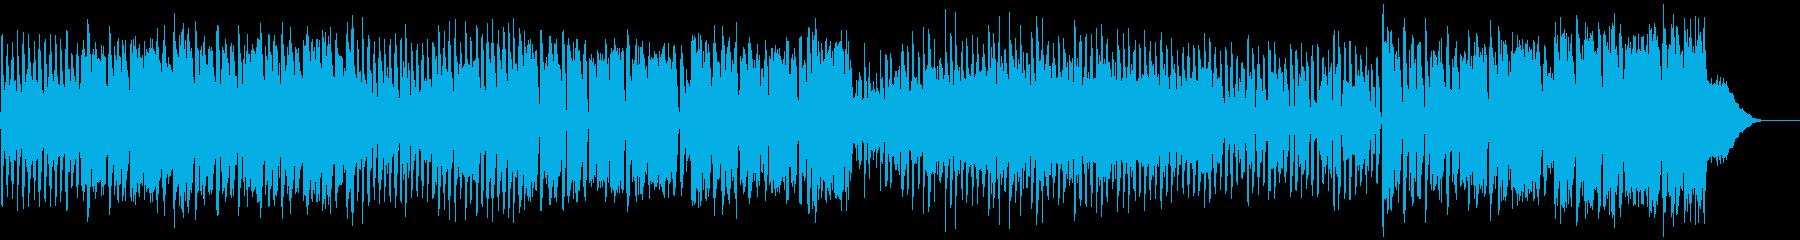 ジャパニーズなポップカルチャーBGMの再生済みの波形